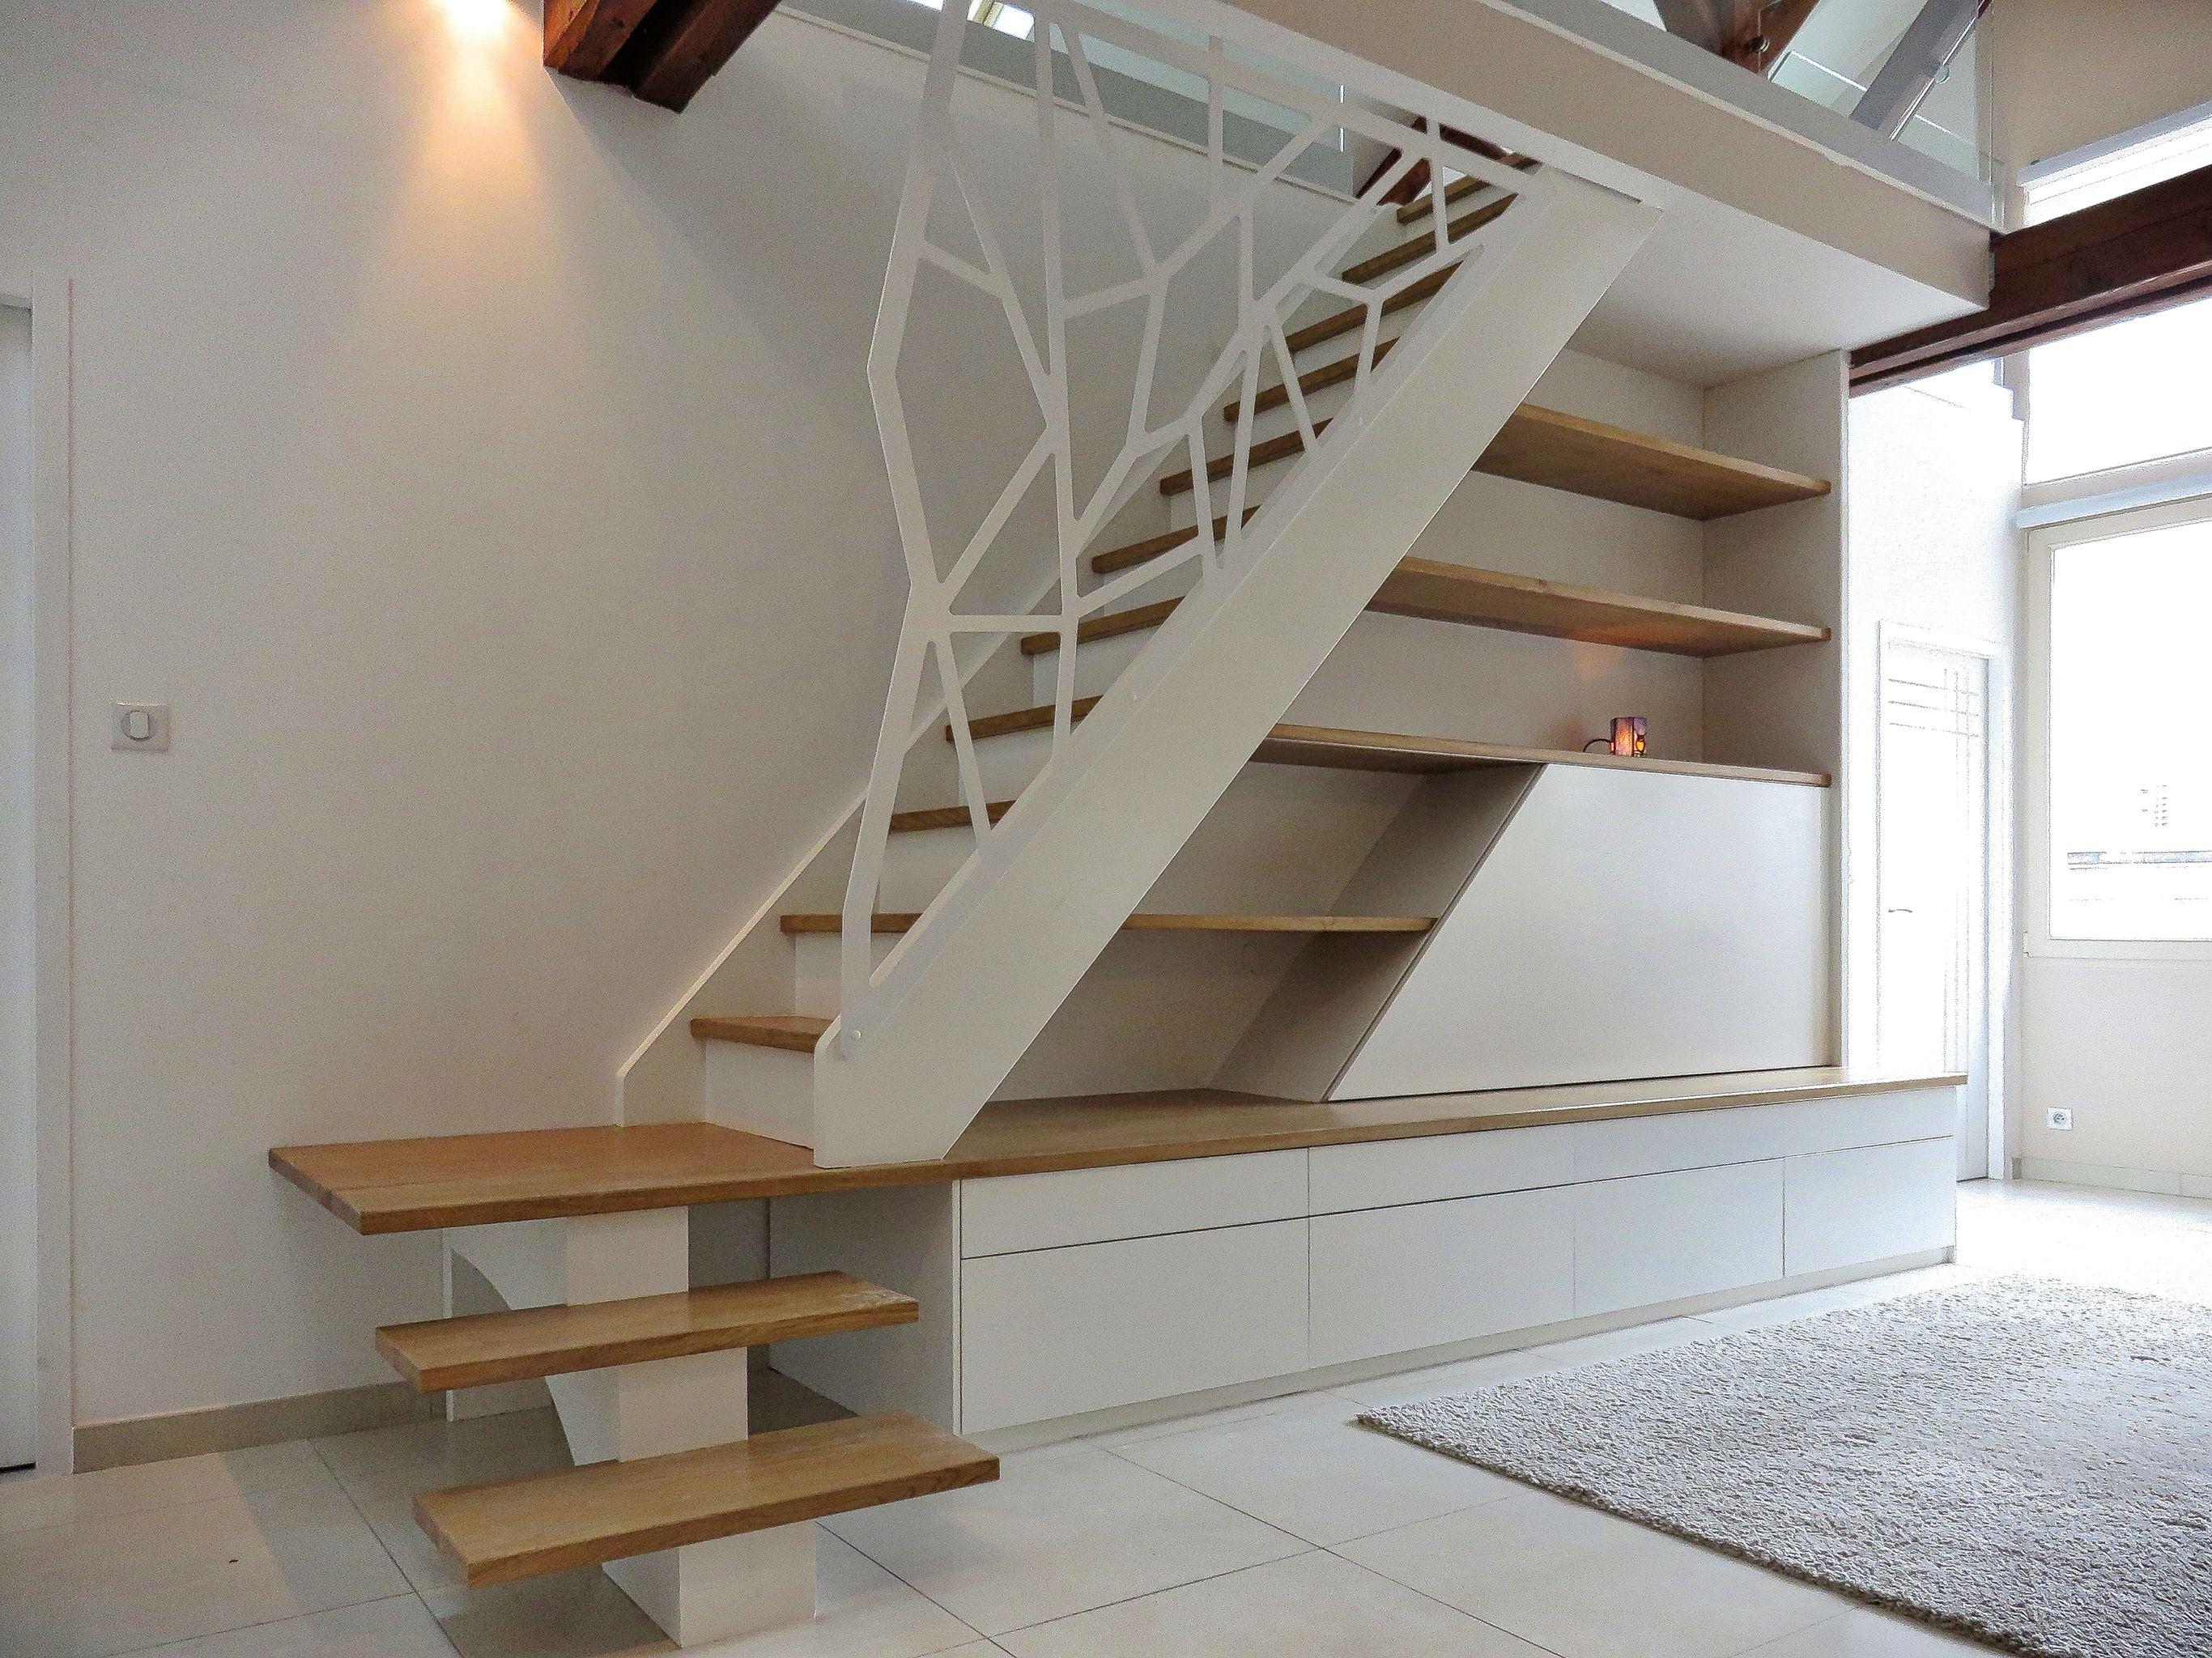 escalier quart tournant avec marches en chêne. garde-corps en acier